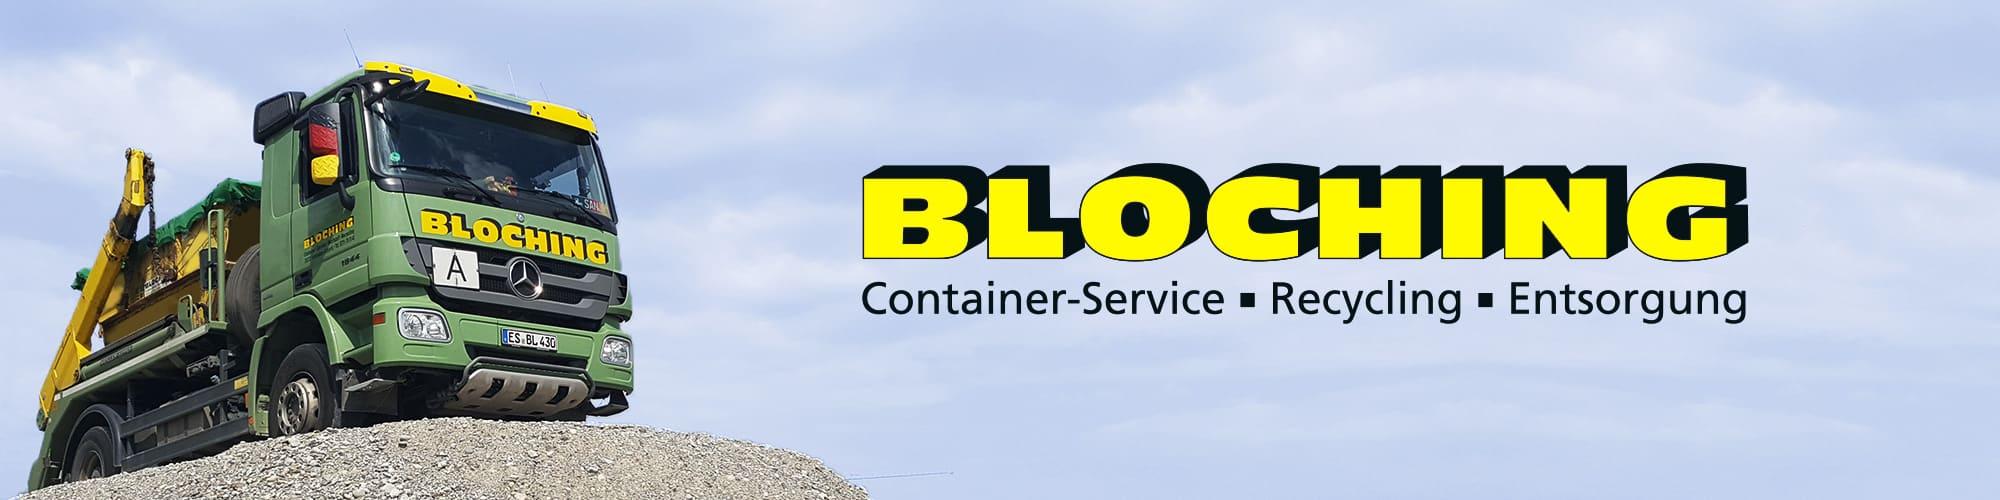 Bloching, Containerdienst in Stuttgart und Umgebung